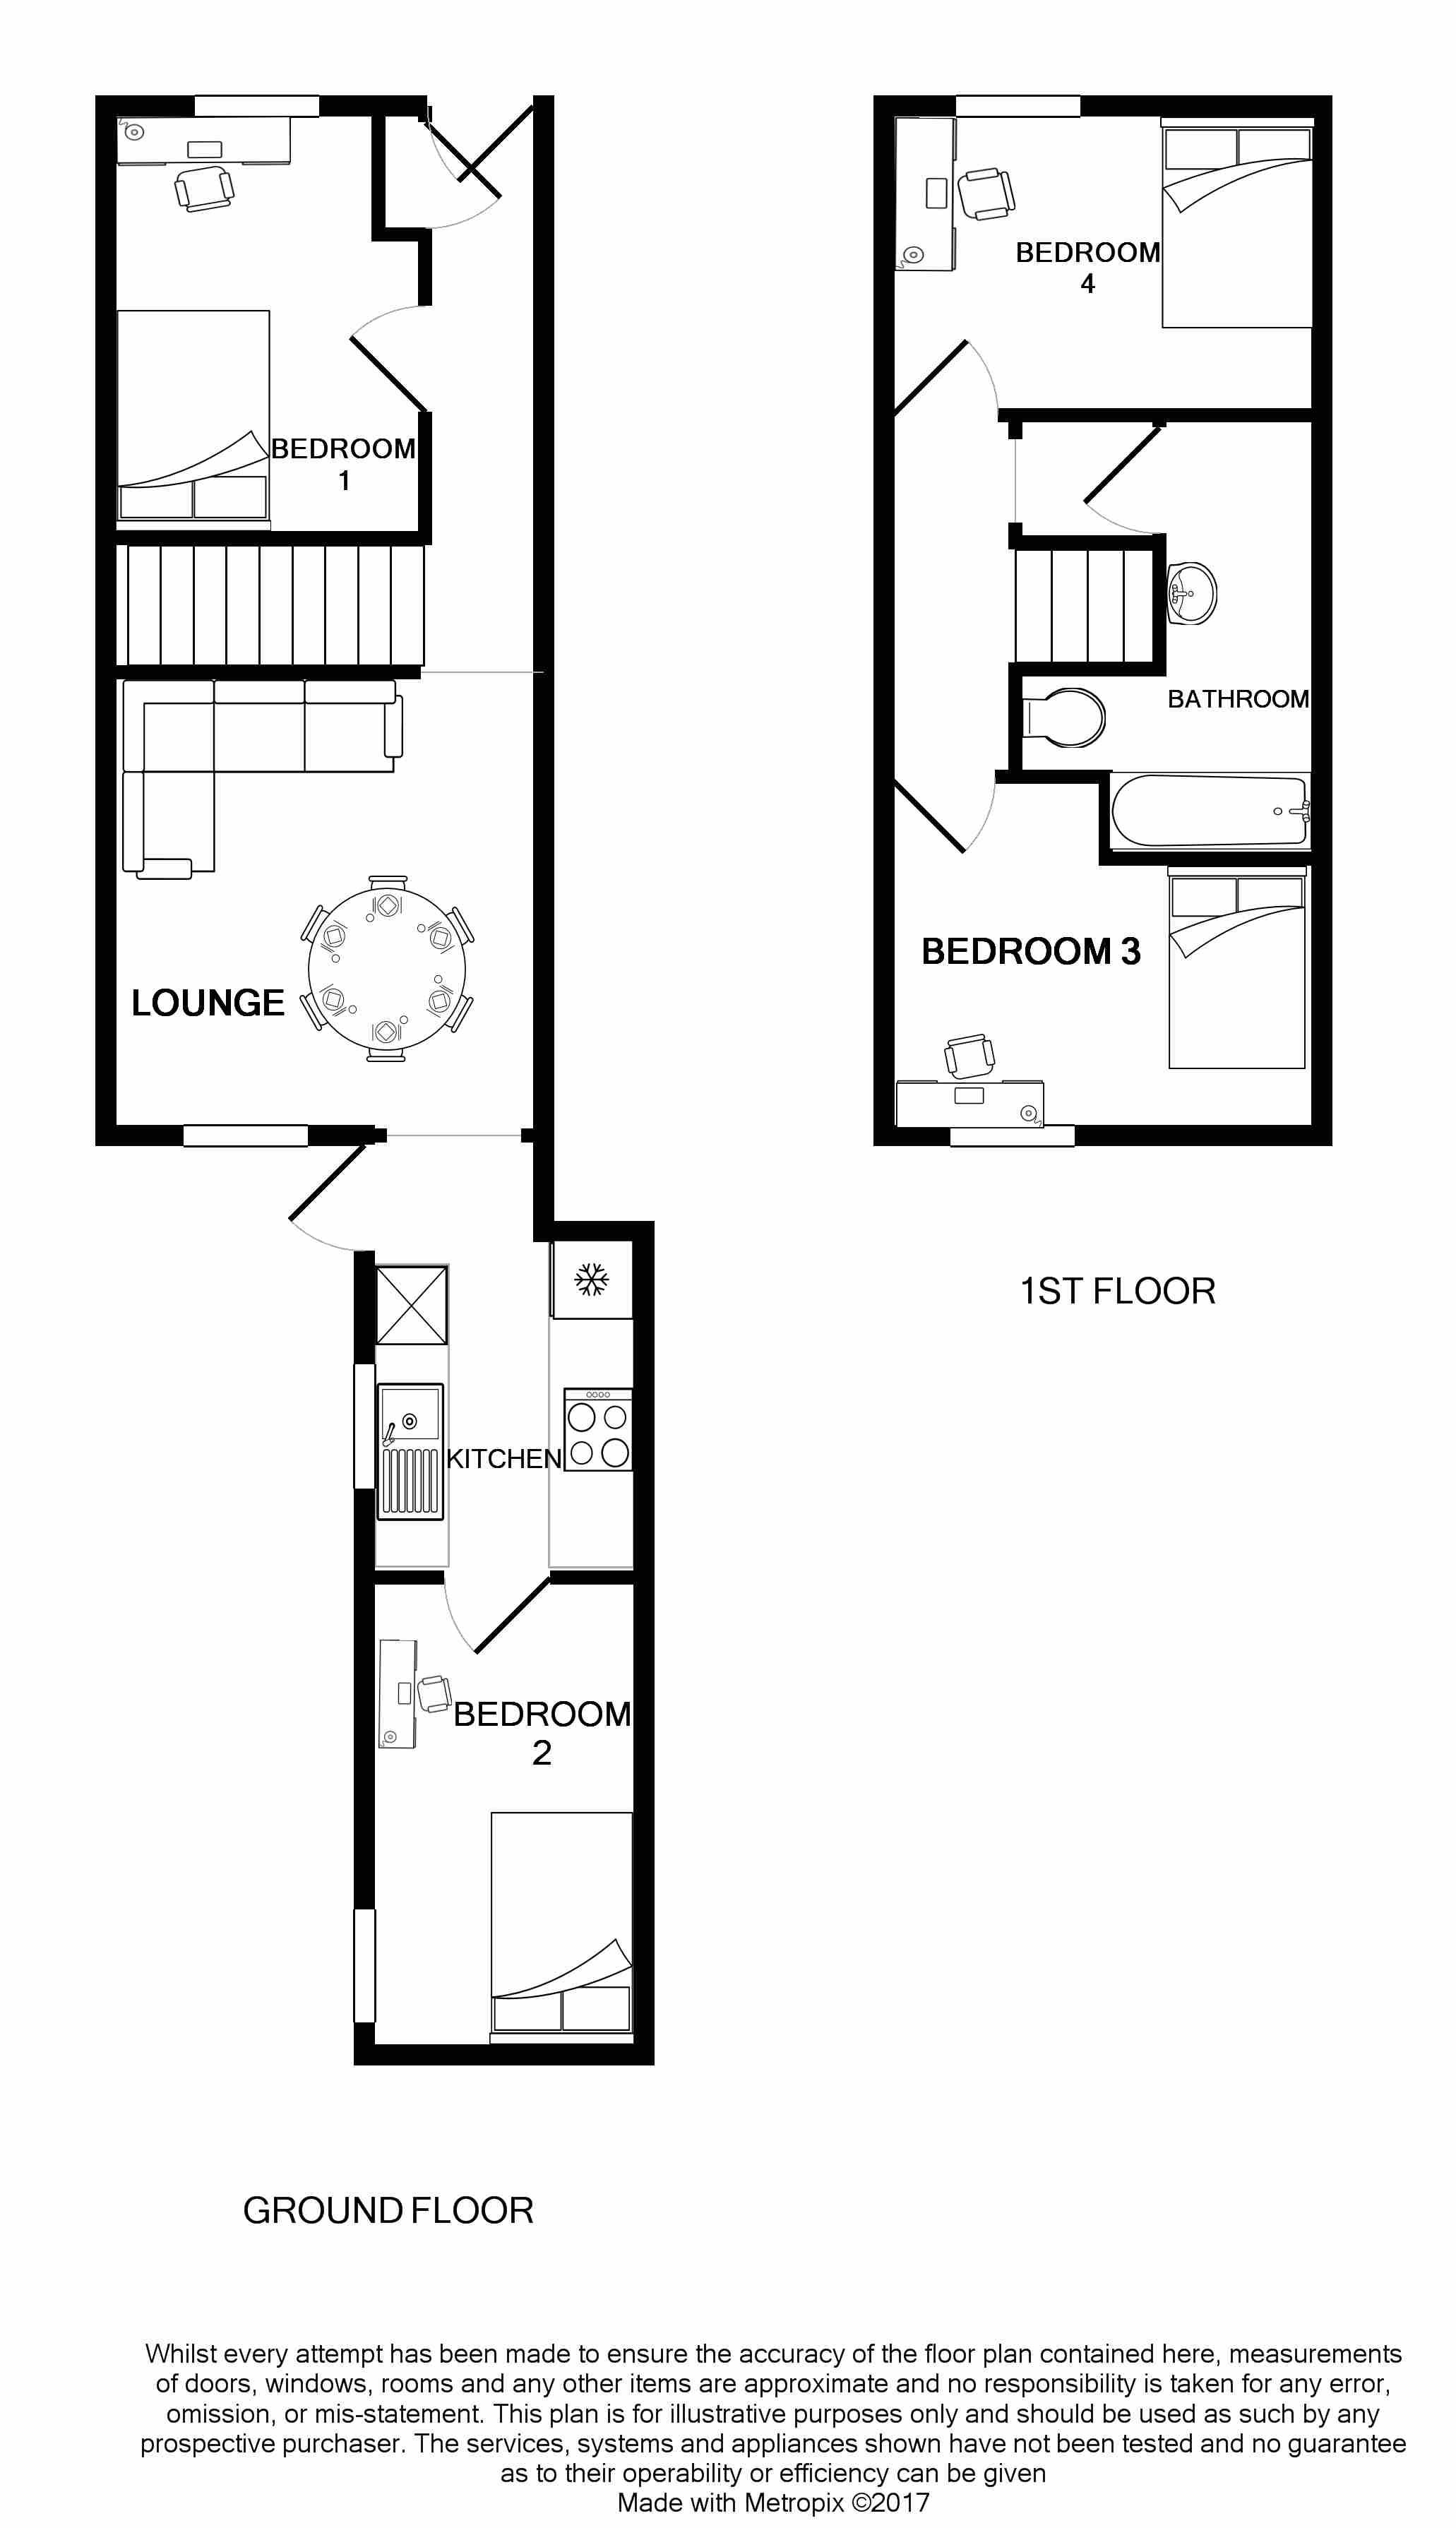 17 Queen Anne Street Floorplans